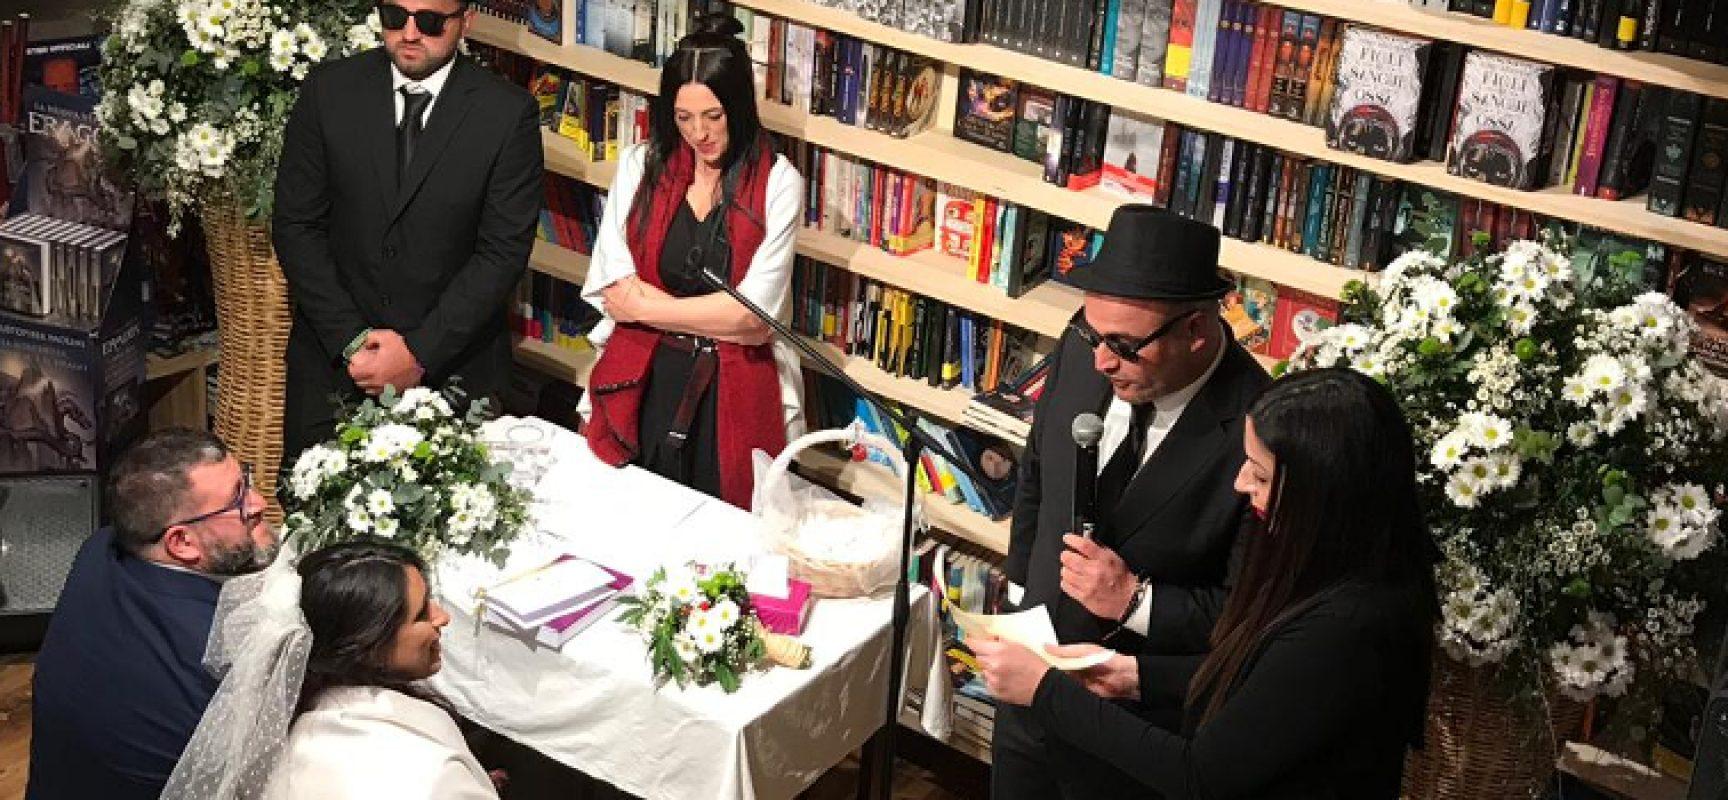 Si giurano amore eterno nel Mondadori Bookstore di Bisceglie / FOTO